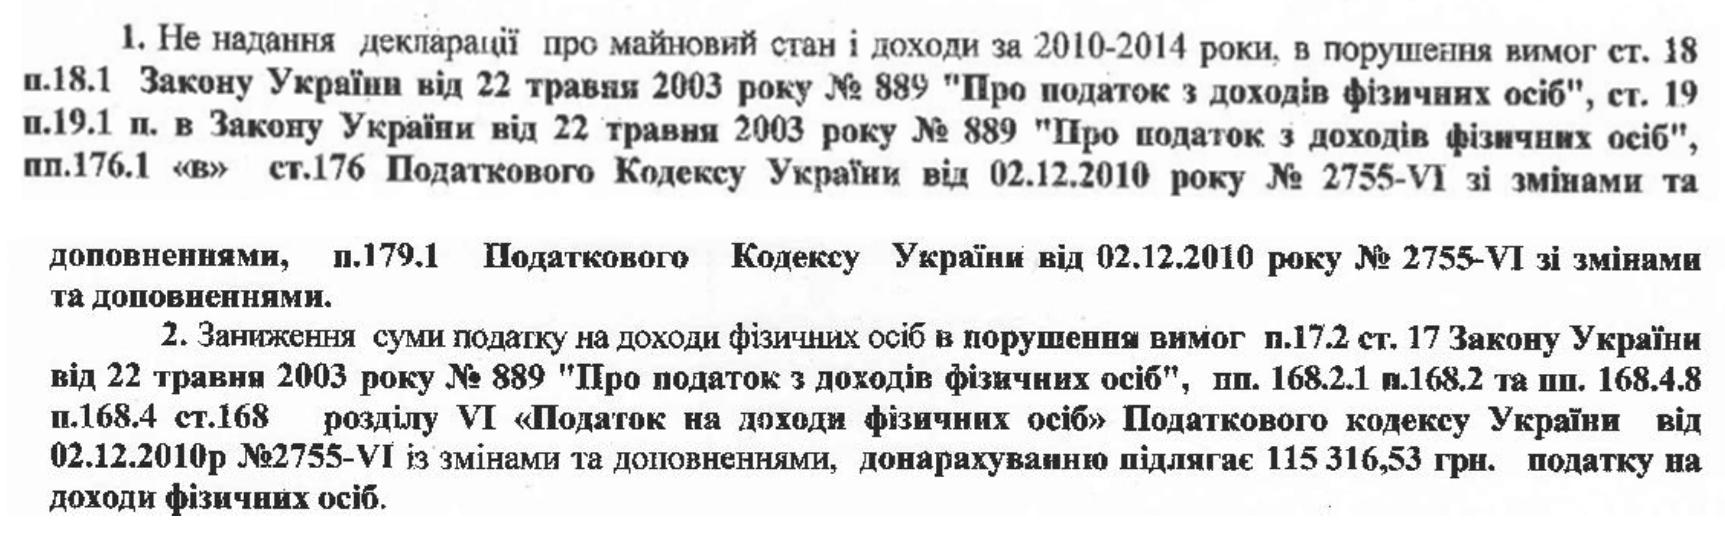 Выписка из акта налоговой по проверке моряка_1